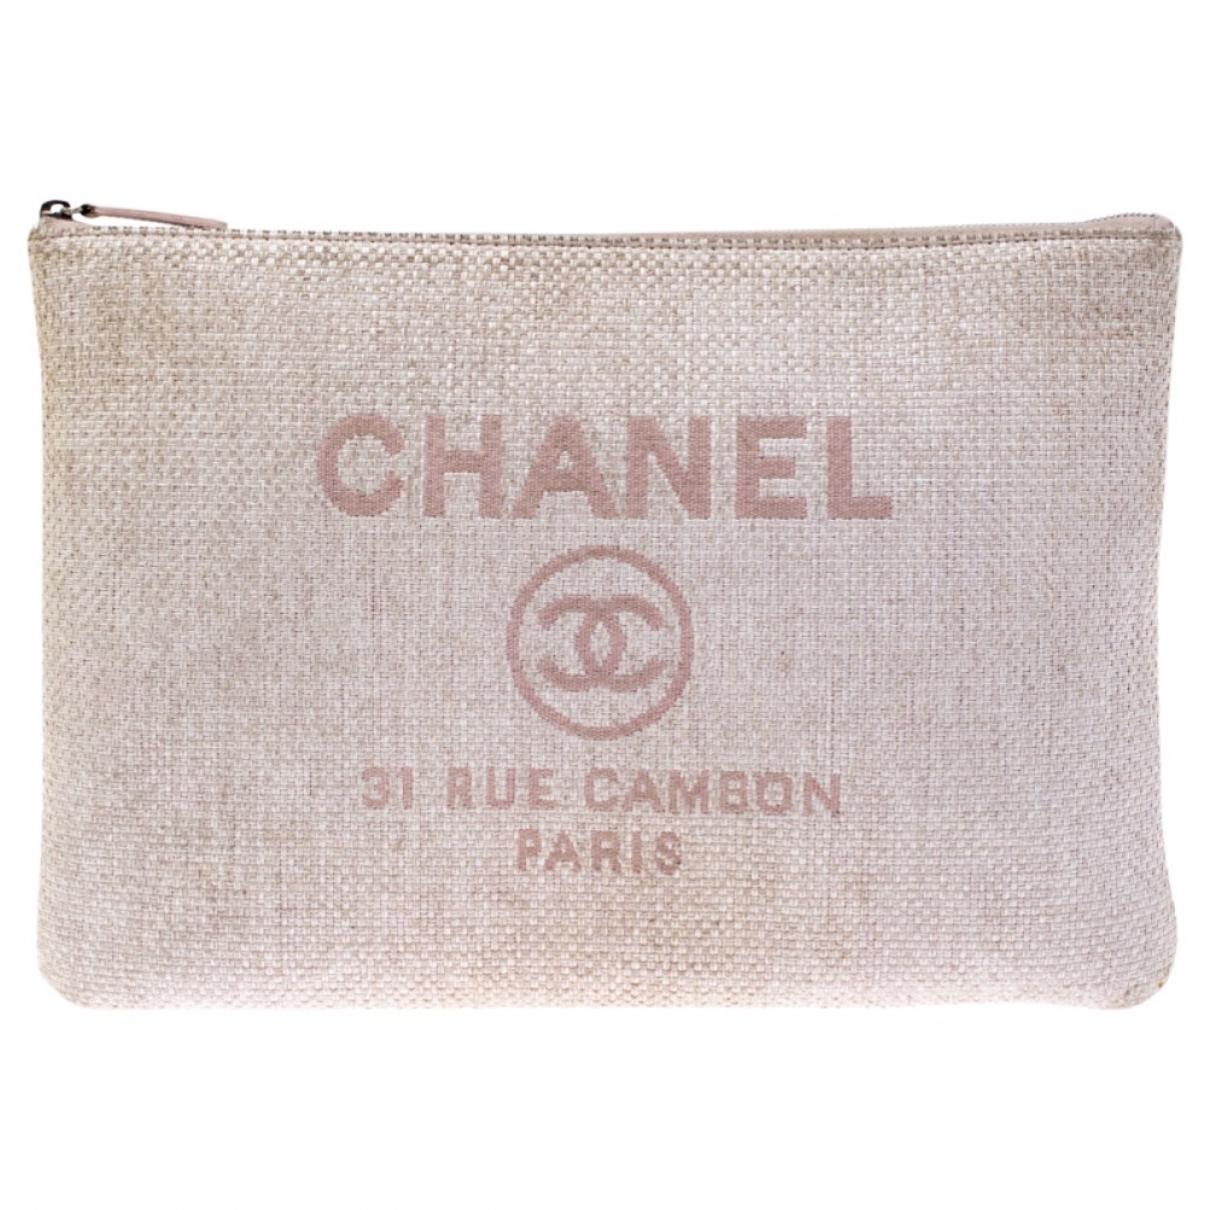 Pochette Deauville Tweed Chanel